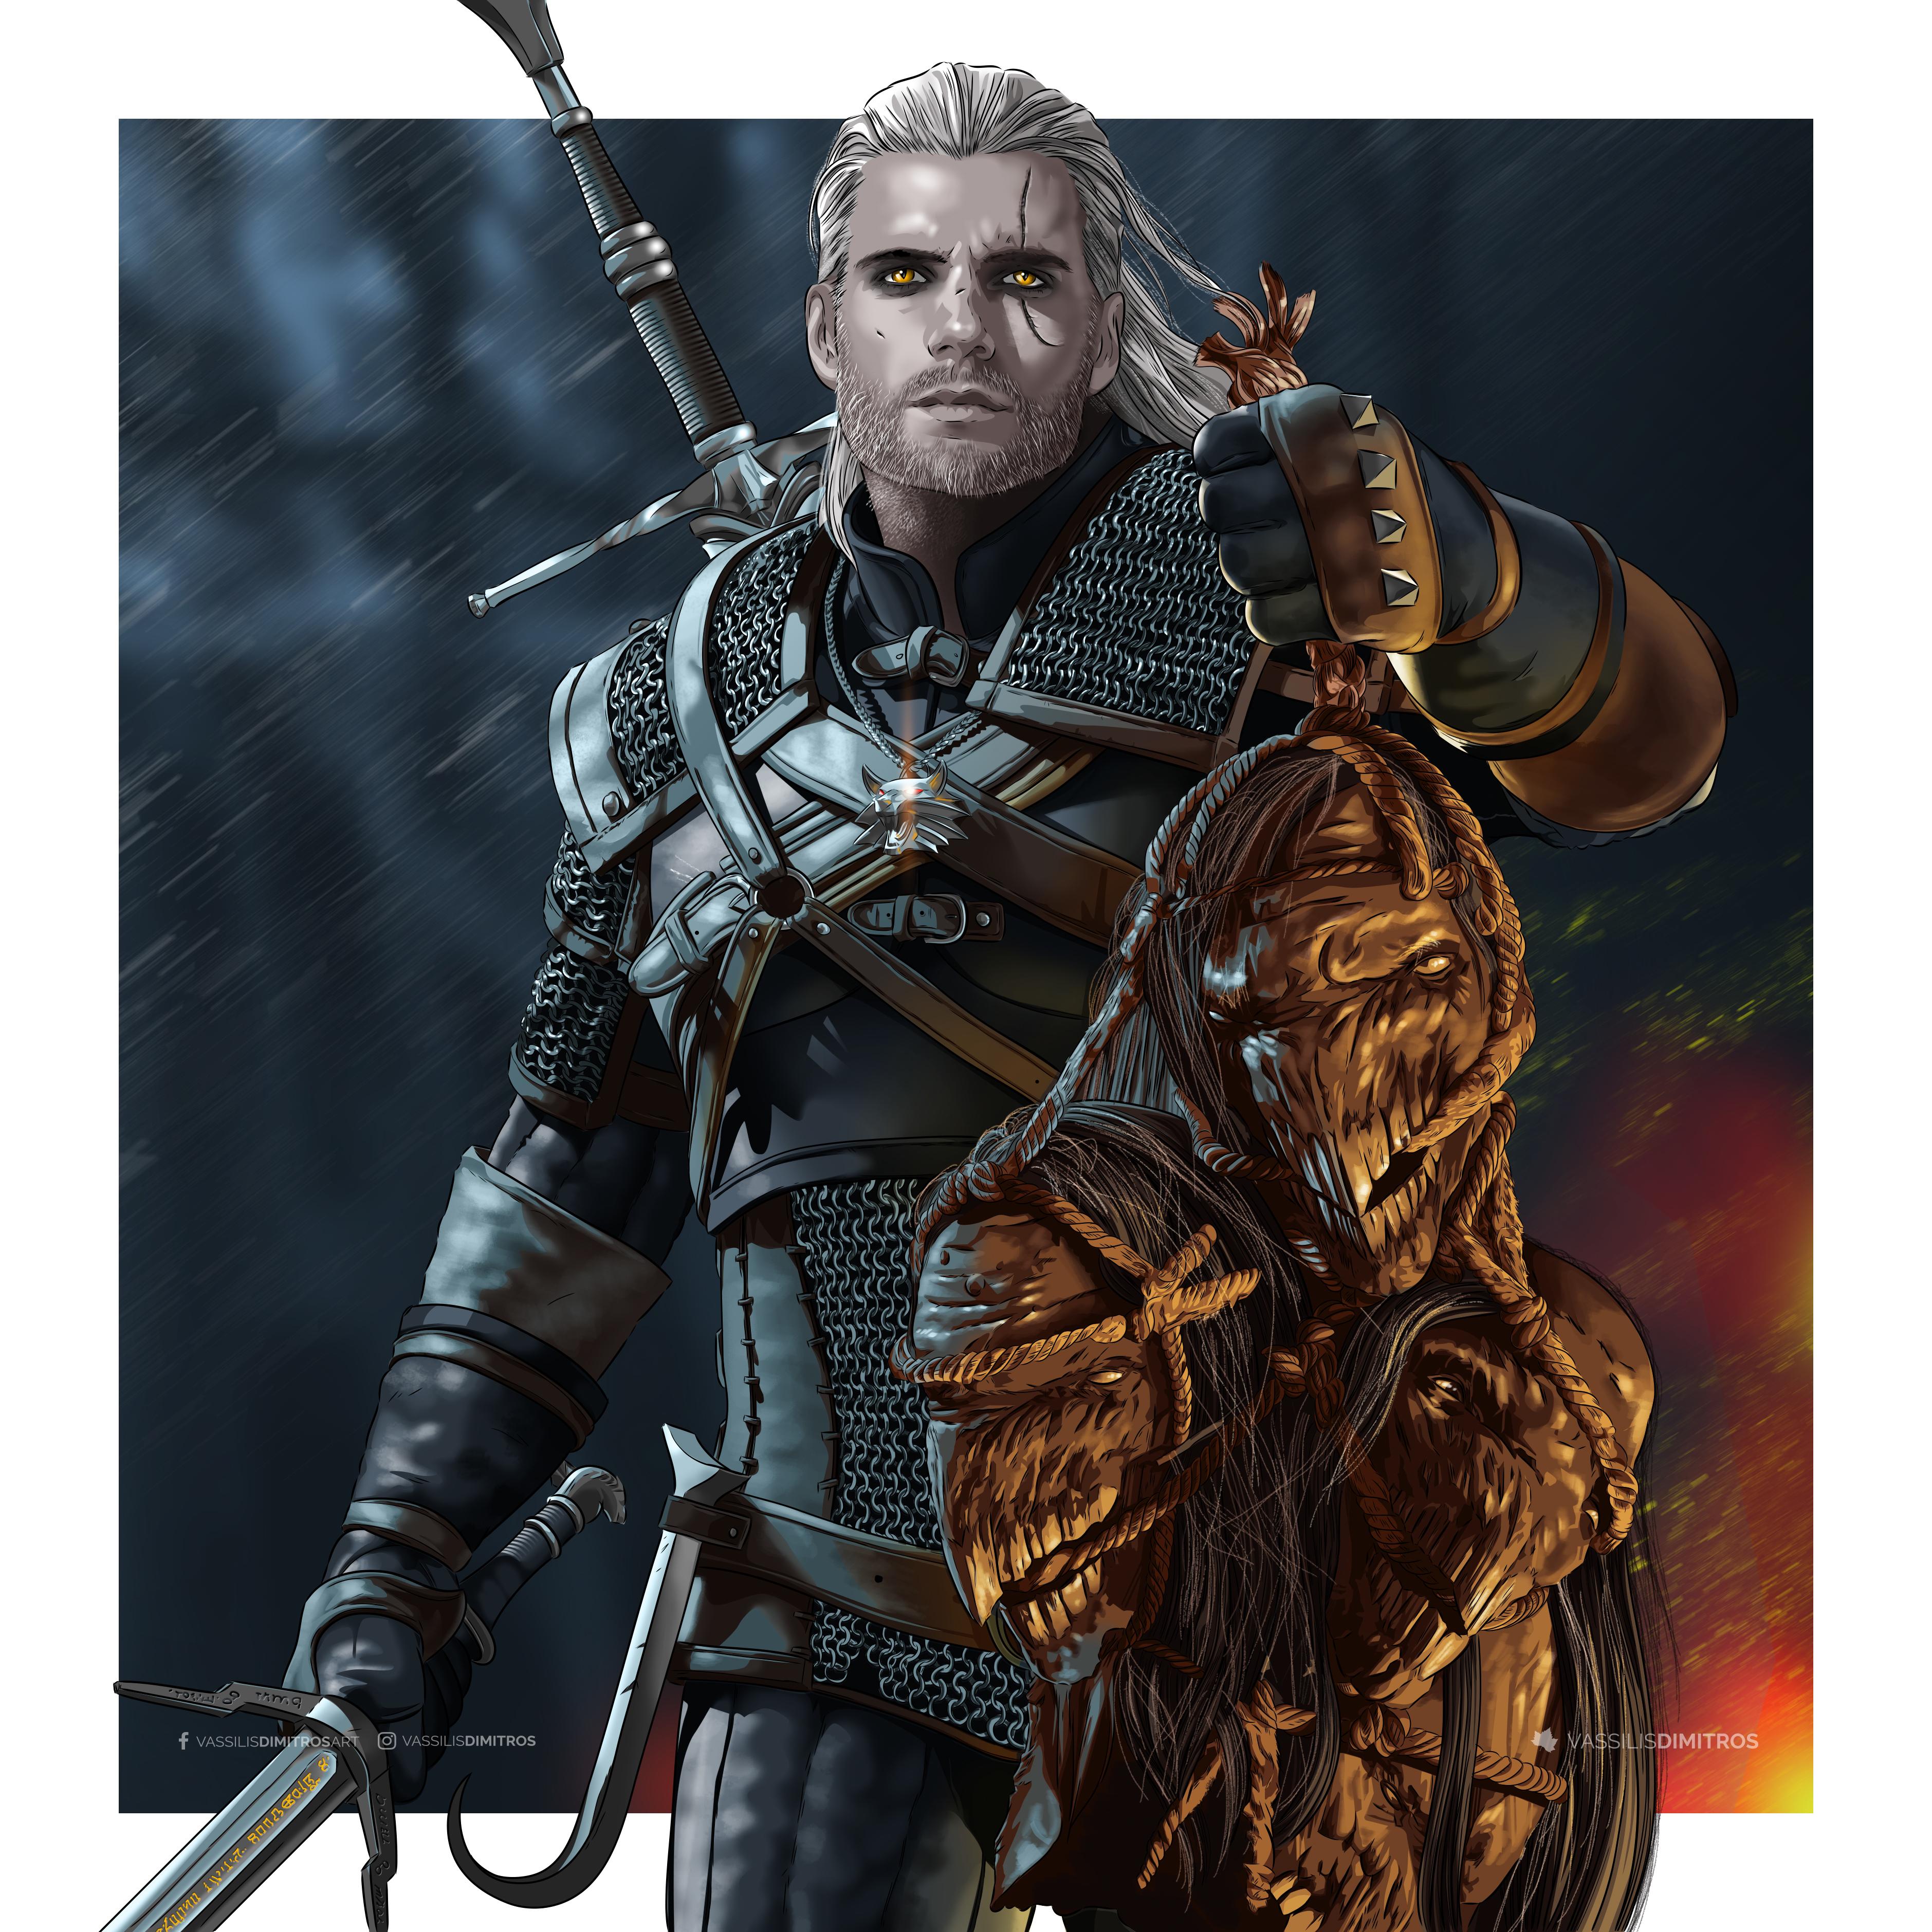 Geralt Of Rivia Netflix Wallpaper Hd Tv Series 4k